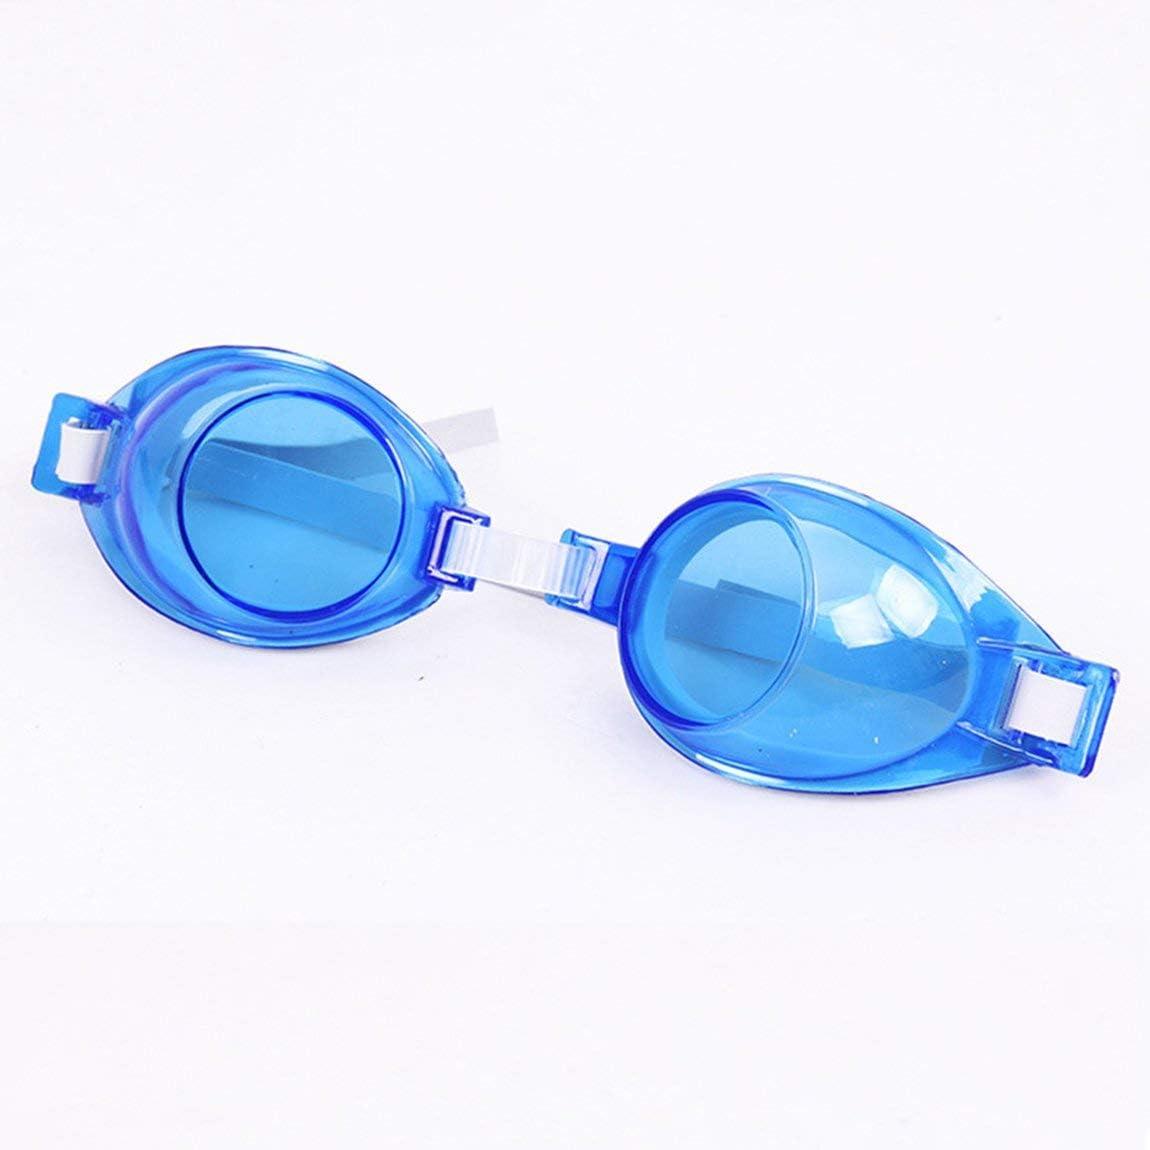 Couleur: Bleu 73JohnPol Lunettes de Natation Lunettes Anti-Brouillard imperm/éable Coupe-Vent /étanche Protection Anti-UV Bande dessin/ée Protection UV pour Enfants Enfants Adolescents